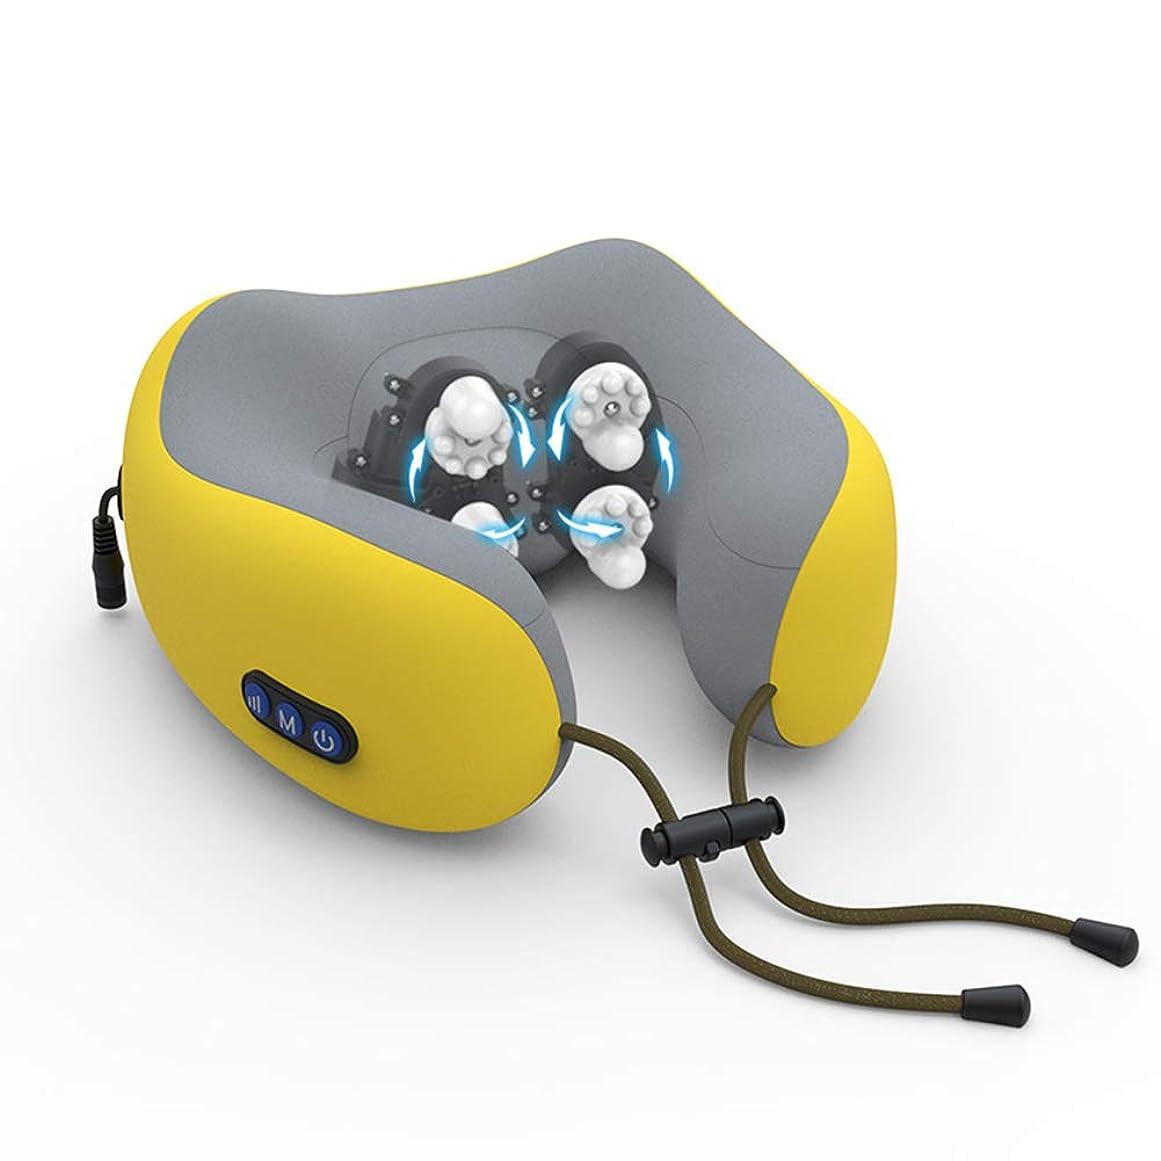 スキッパー医療過誤肥料指圧首と肩のマッサージャー、背中の肩のマッサージャー旅行マッサージ枕4つのモード練り組織マッサージ筋肉の痛みの緩和の緩和,イエロー